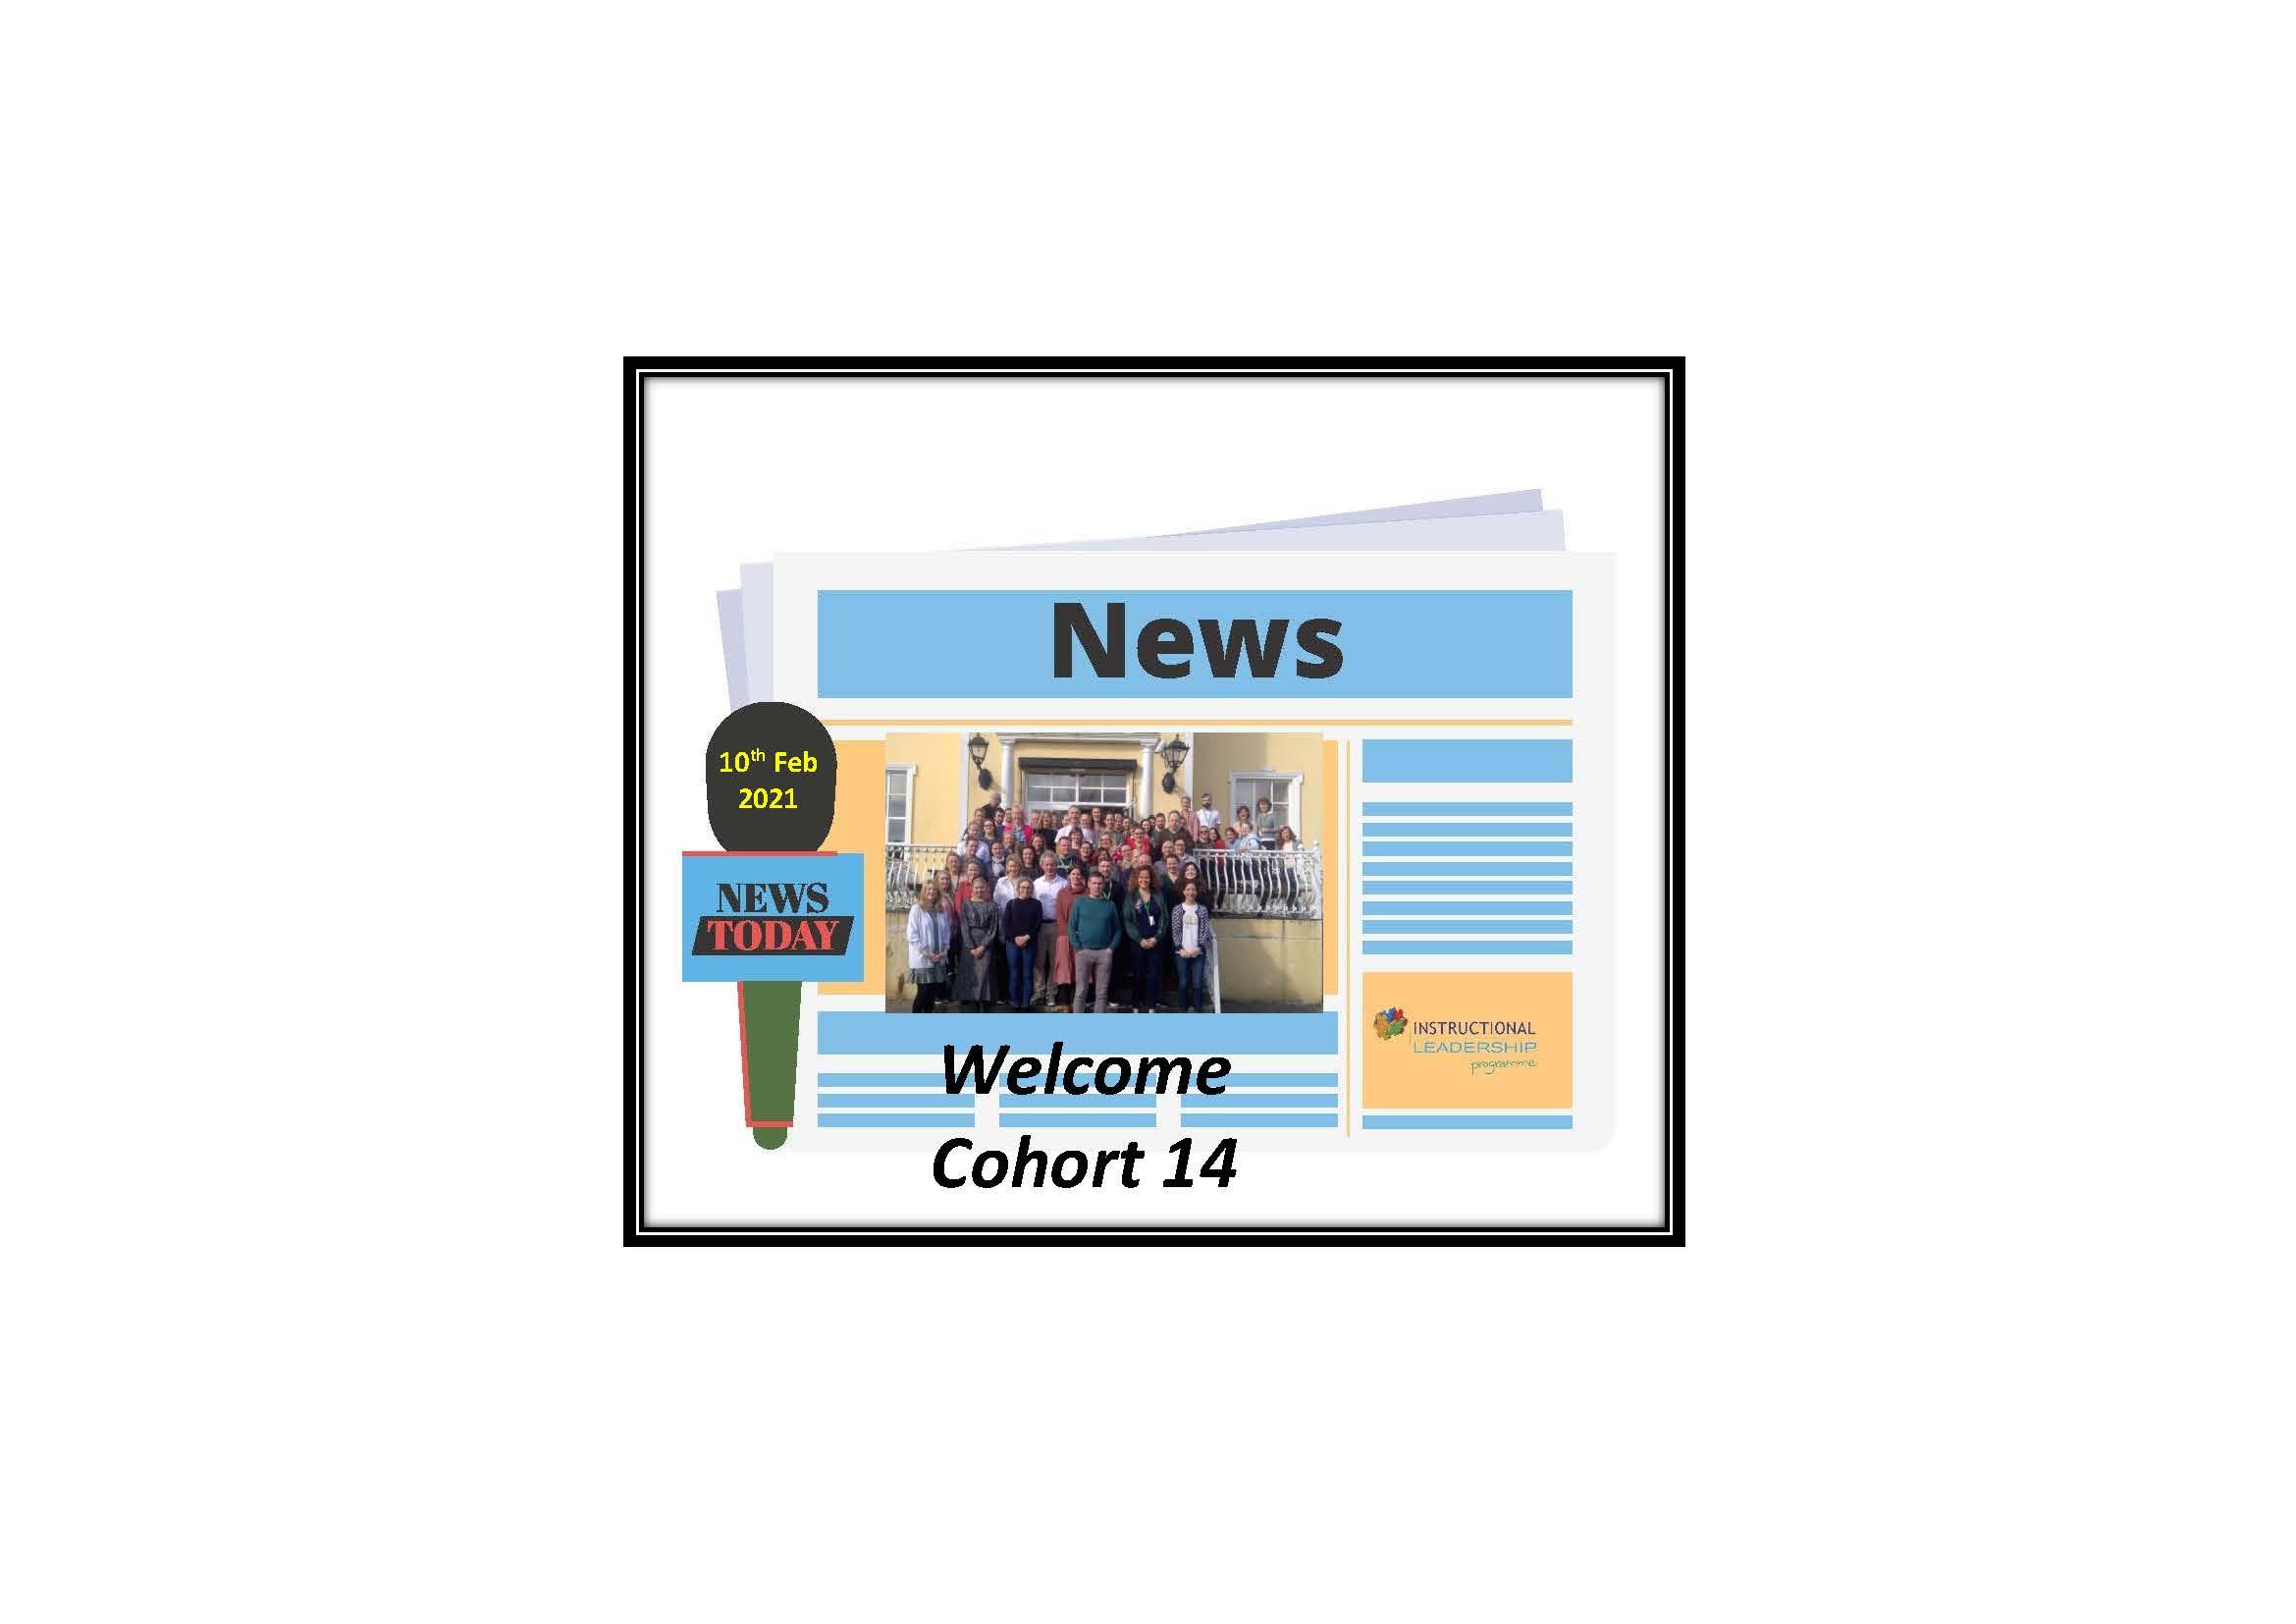 Welcome Cohort 14